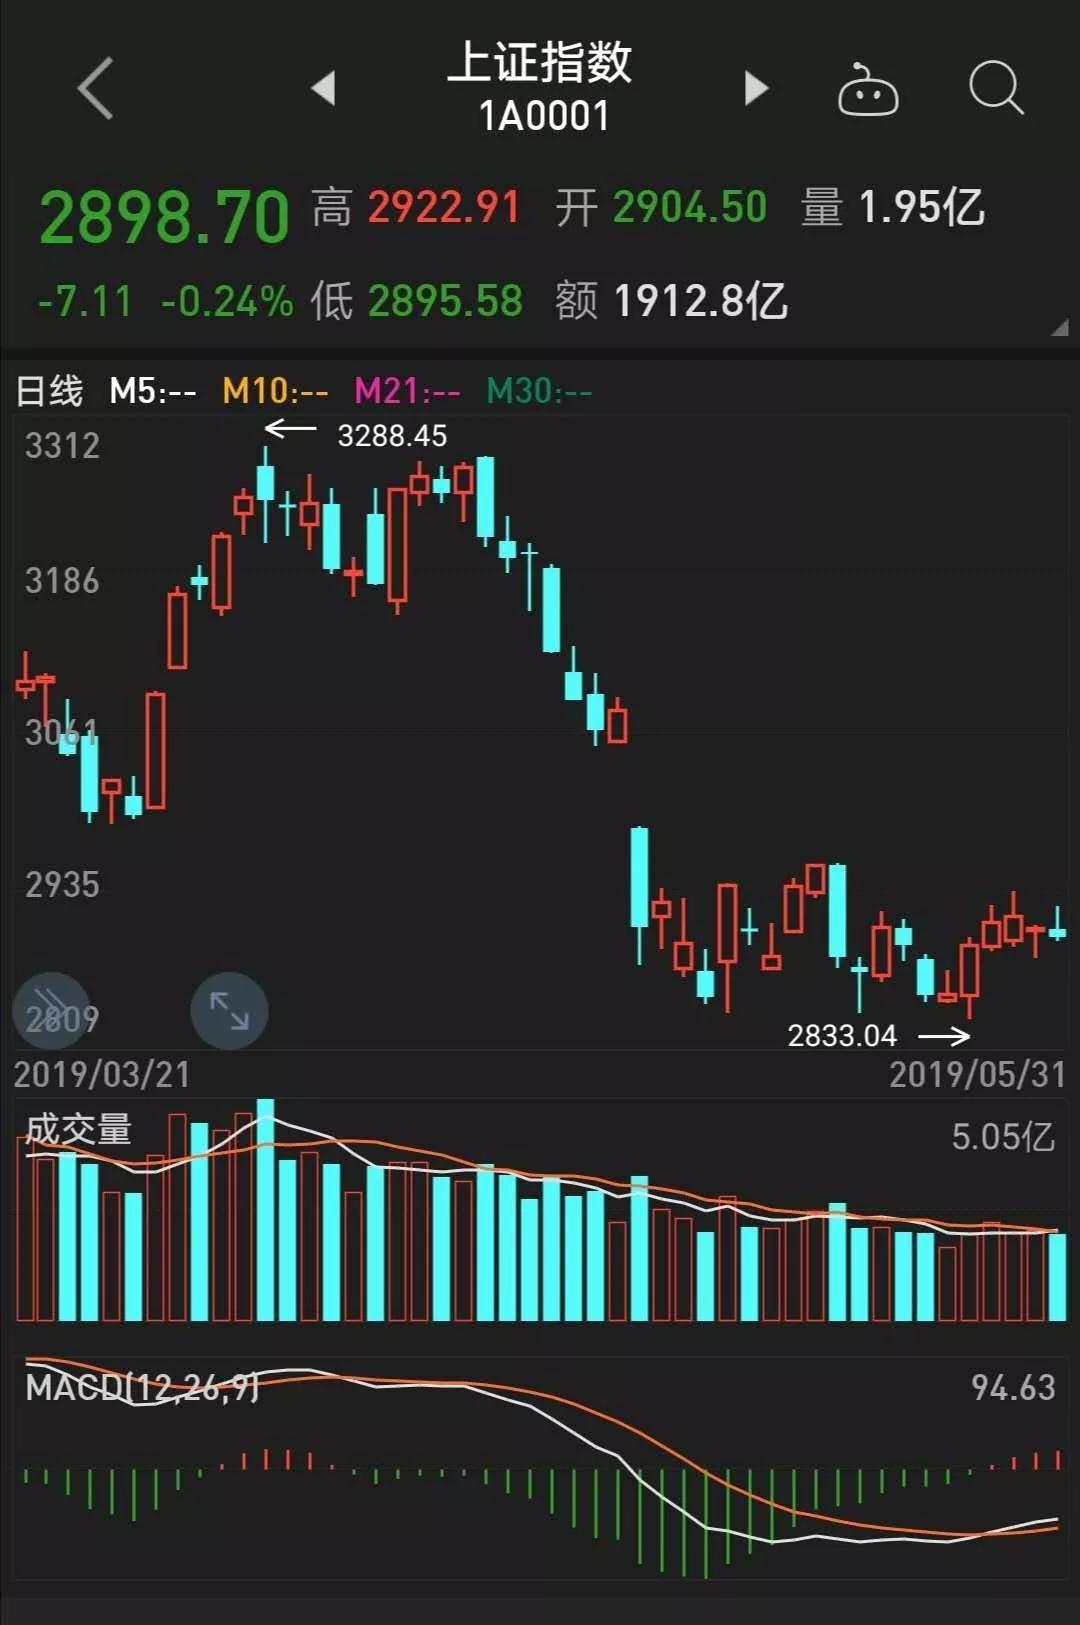 股指期货交易模拟盘交易策略指标